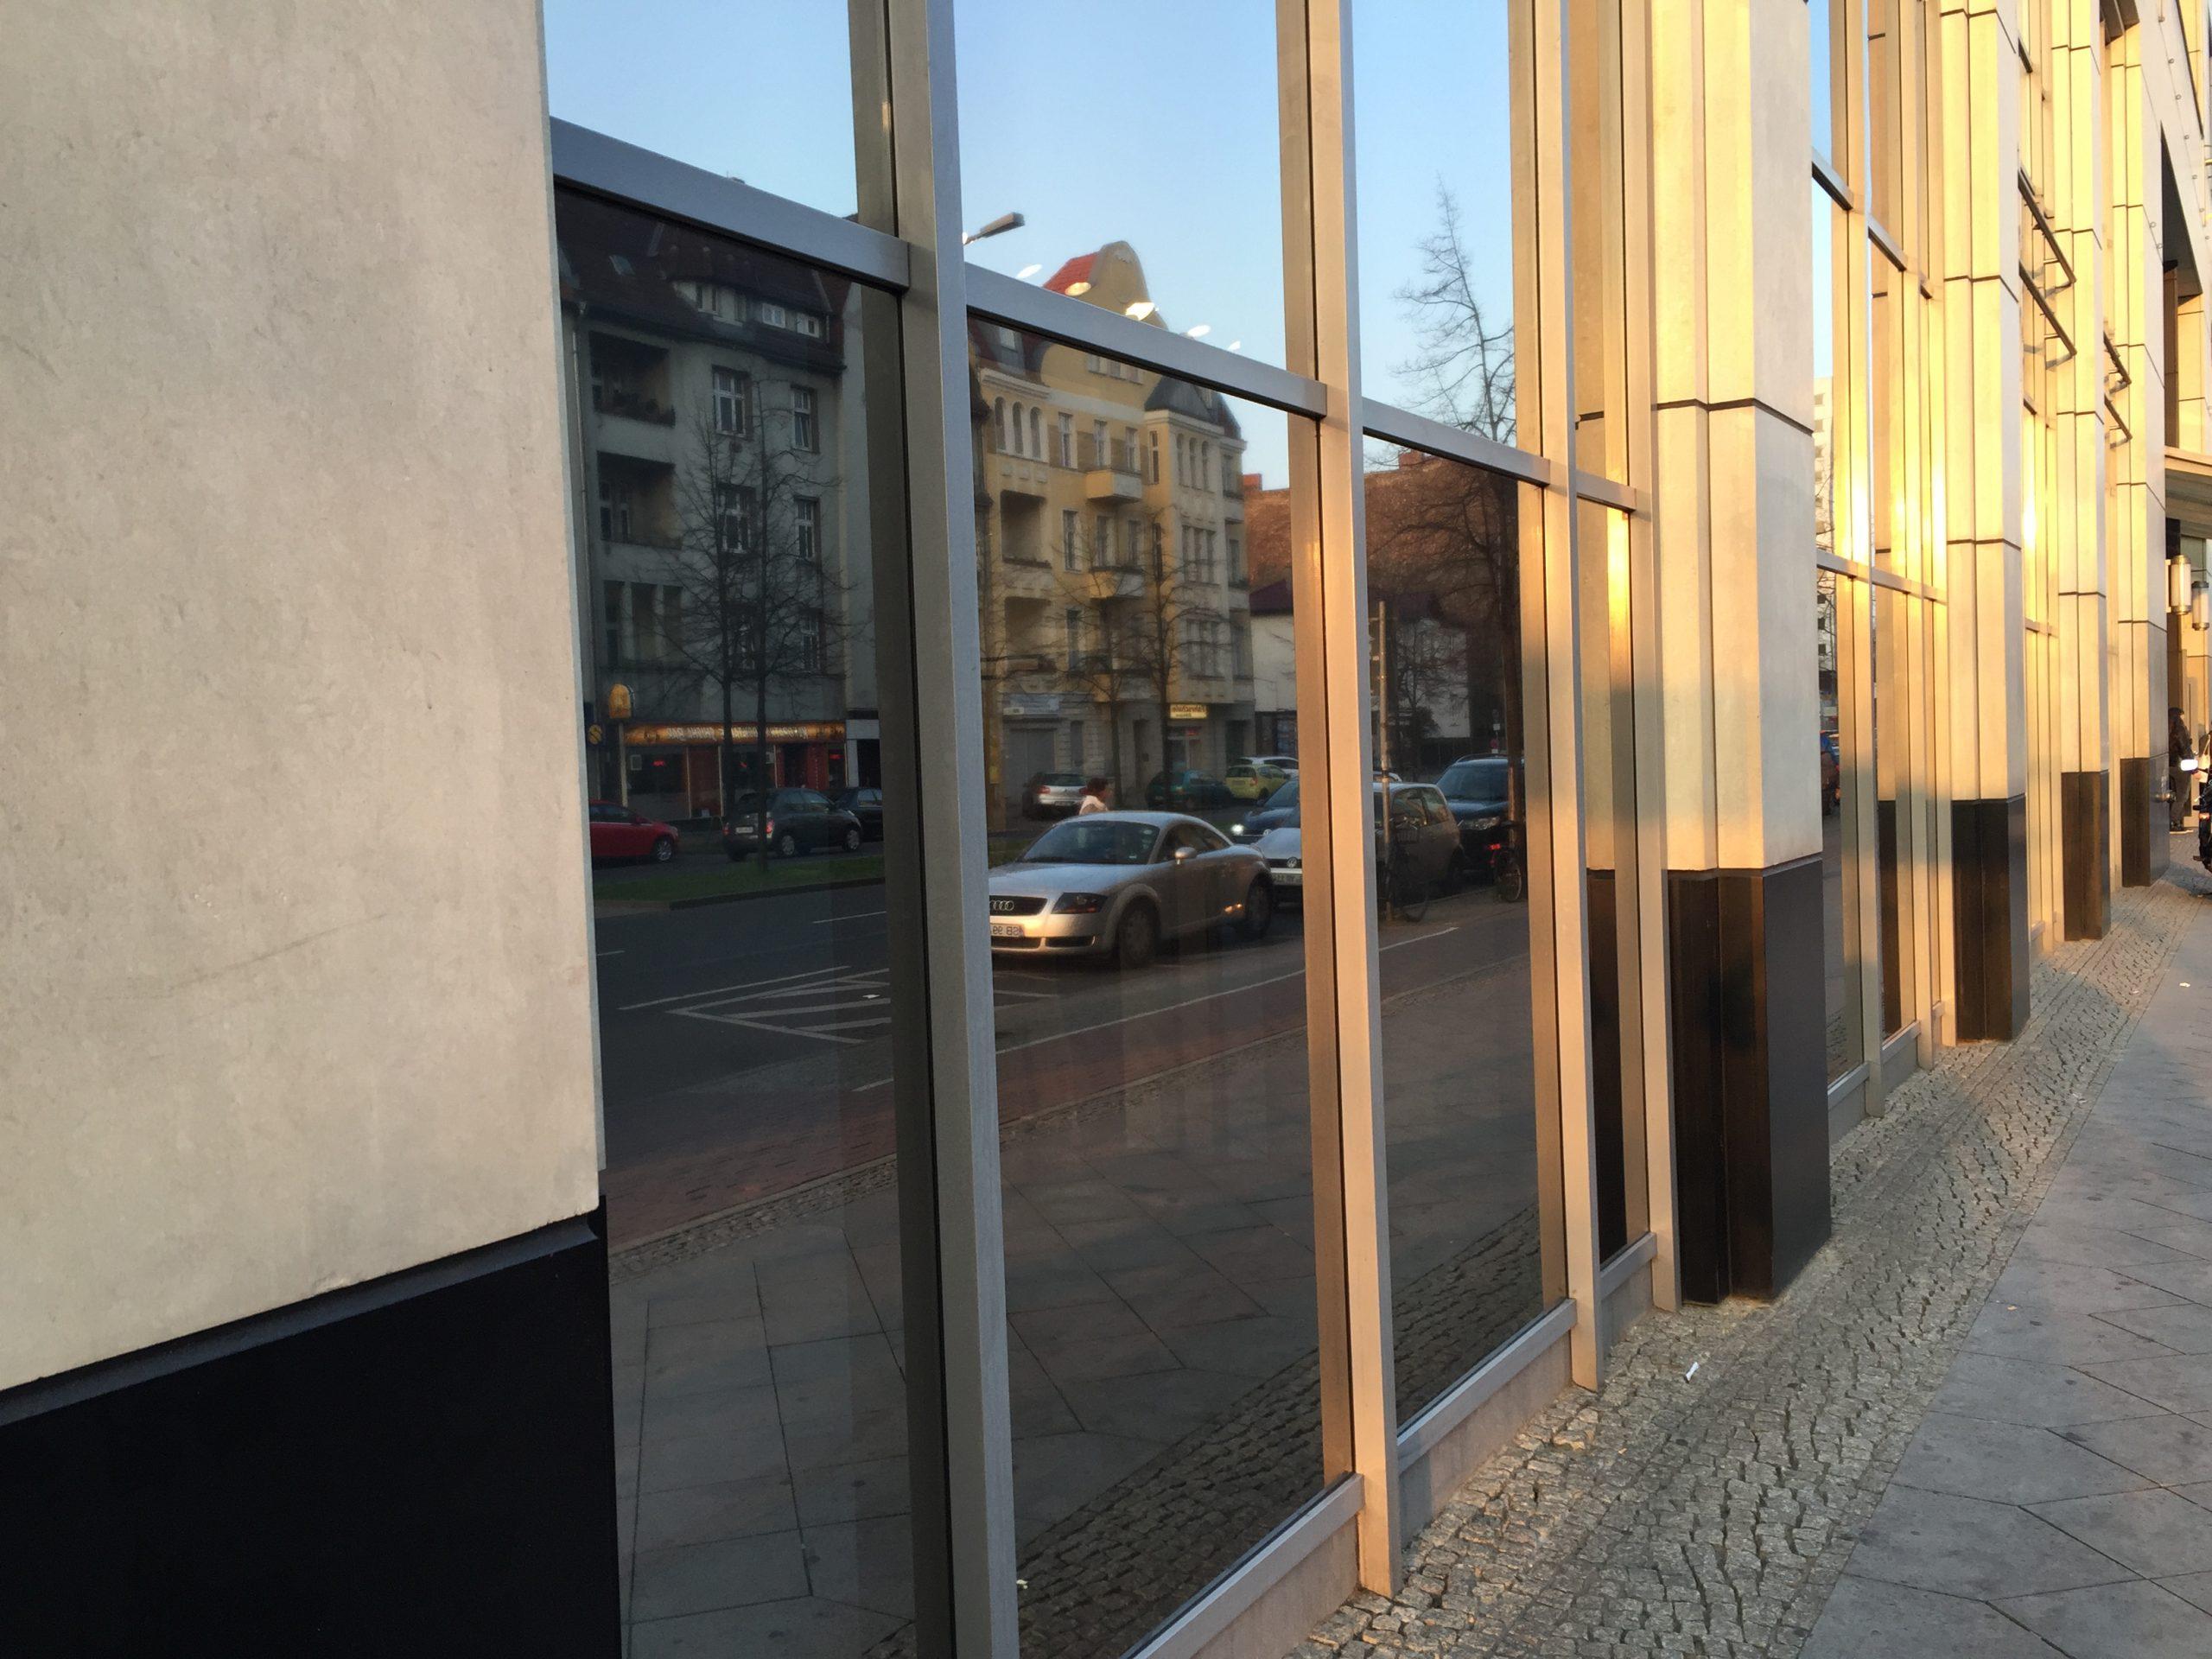 Full Size of Fenster Sicherheitsfolie Spiegelfolie Profimontage Aus Hamburg Bauhaus Sichtschutz Herne Runde Rollos Ohne Bohren Winkhaus Bremen Hannover Schräge Abdunkeln Fenster Fenster Sicherheitsfolie